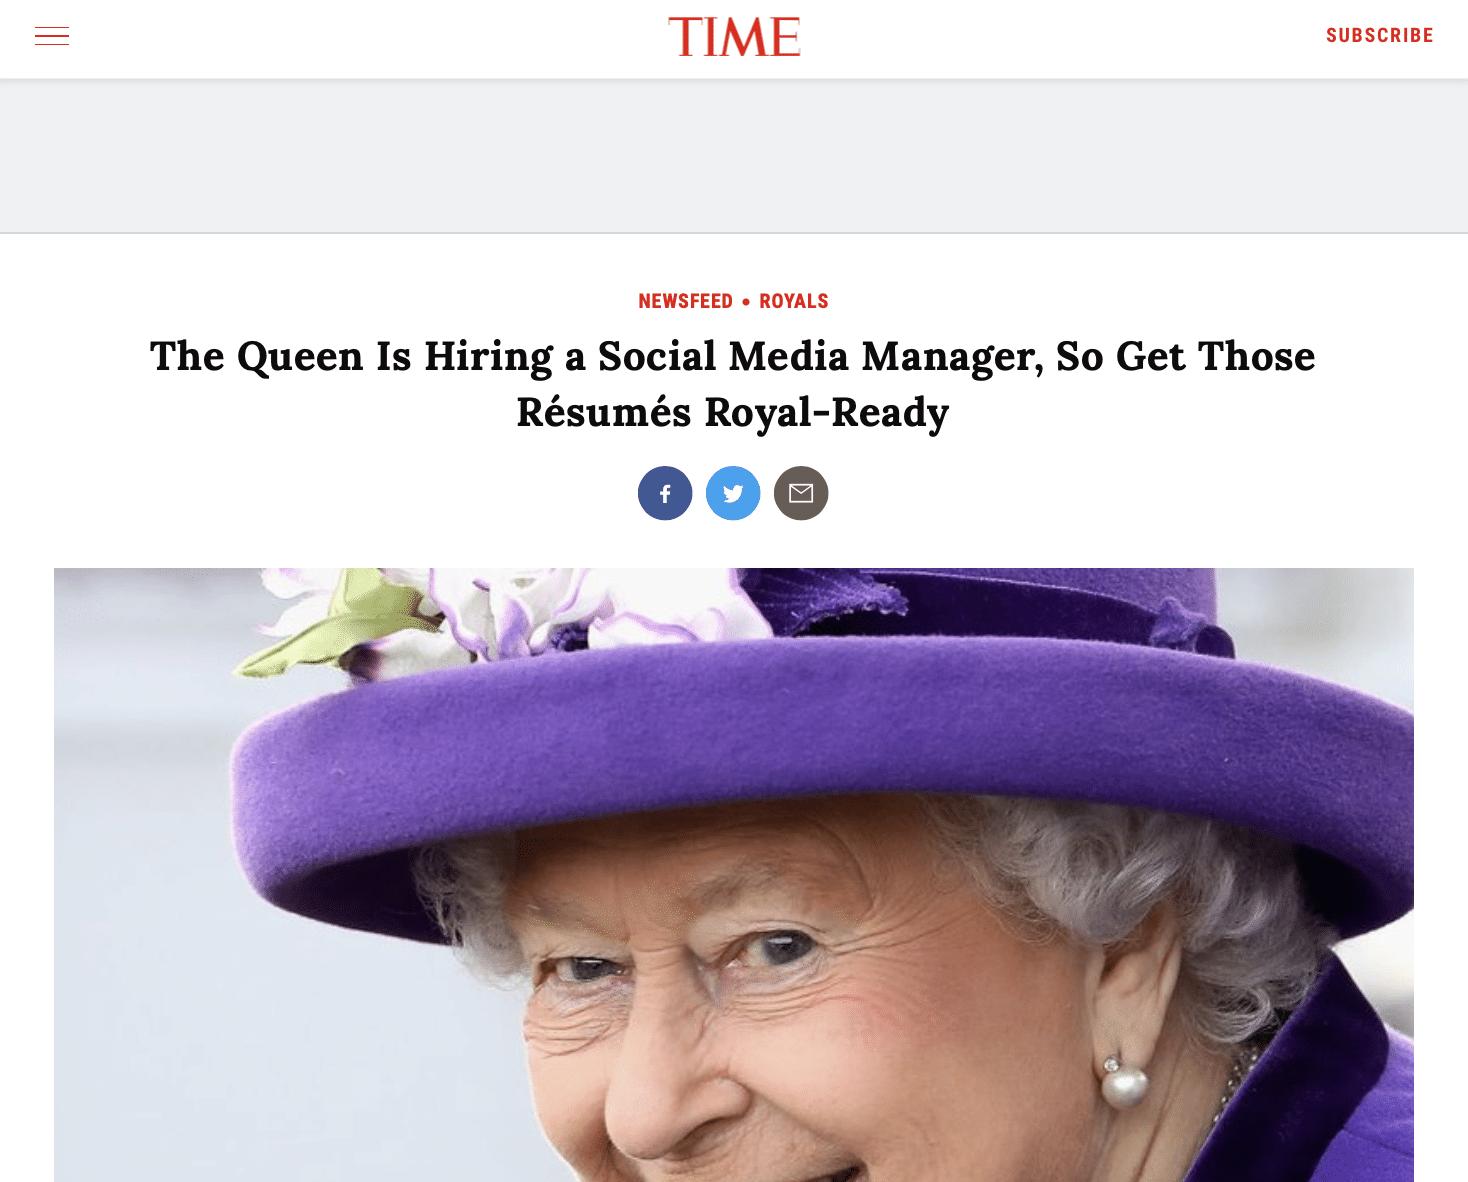 พระราชินีต้องการคนช่วยเล่น Social Media เงินเดือนเดือนละแสน